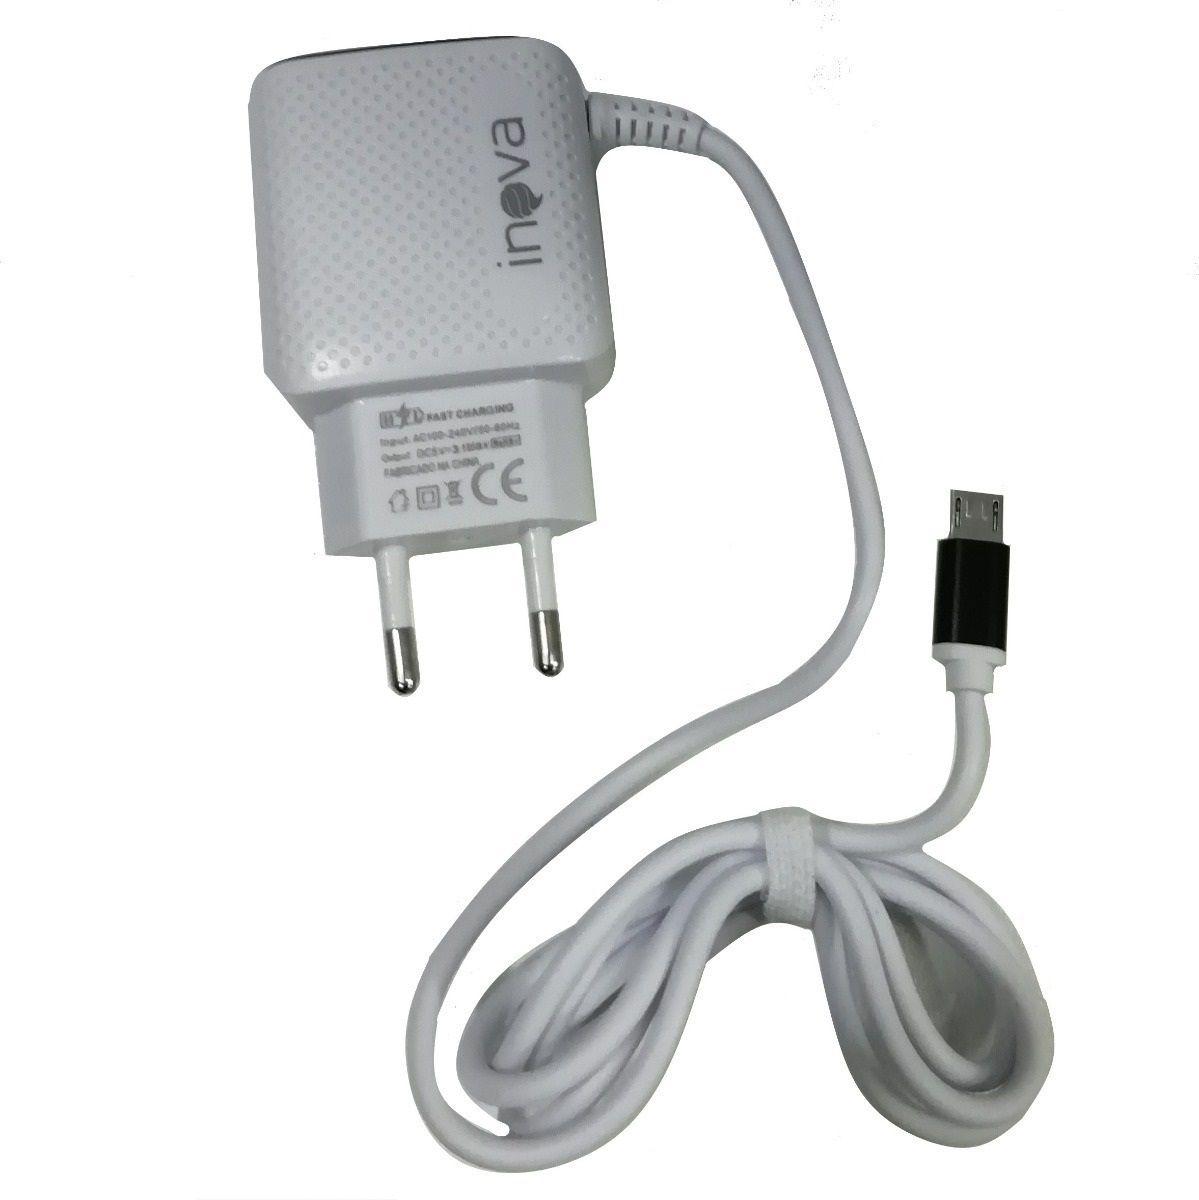 CARREGADOR TURBO INOVA 3.1 + 2 ENTRADAS USB